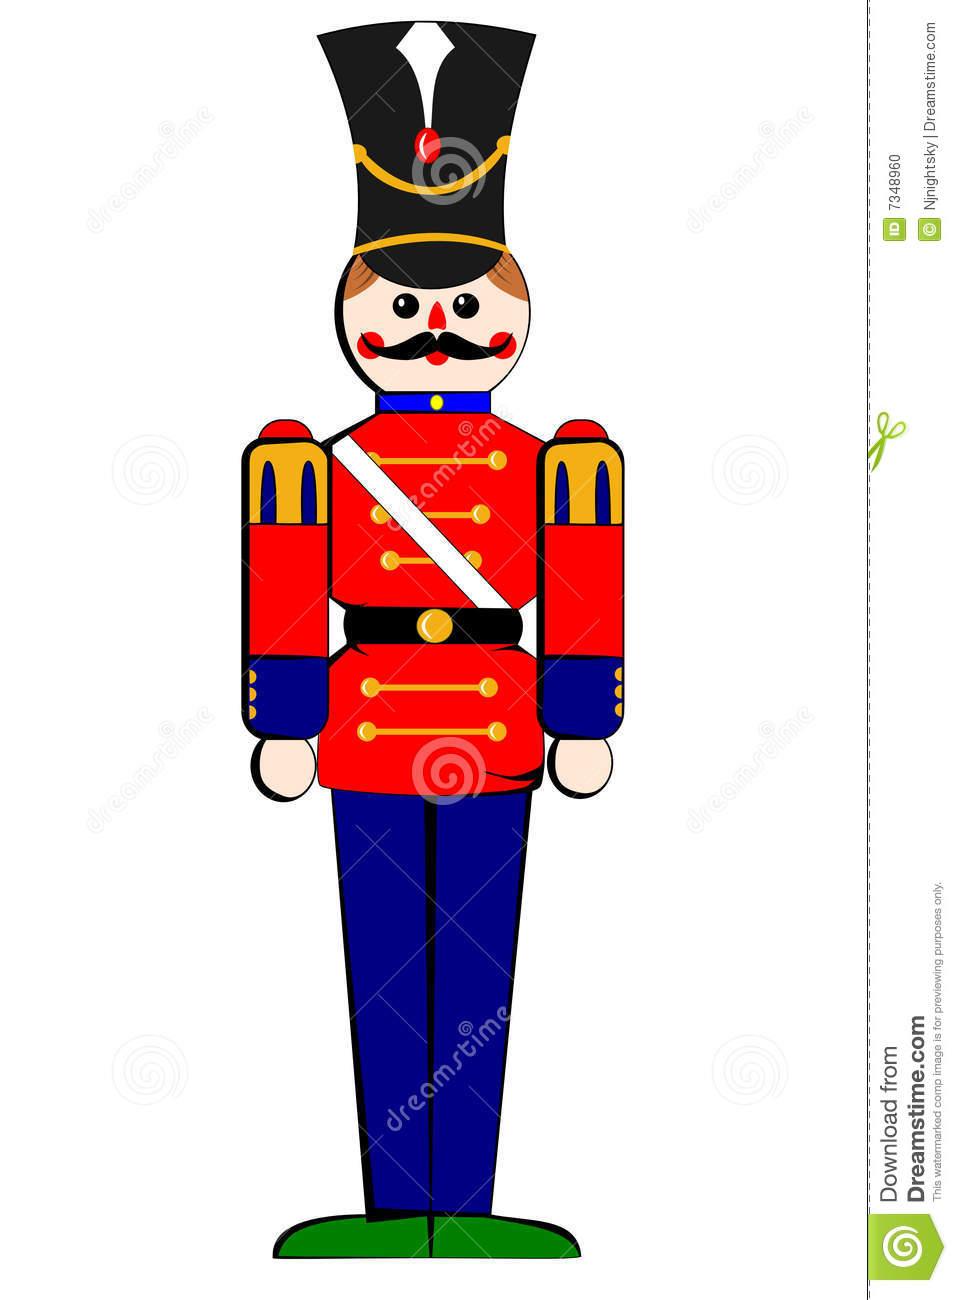 Soldier clipart toy soldier Toy clipart soldier Christmas art